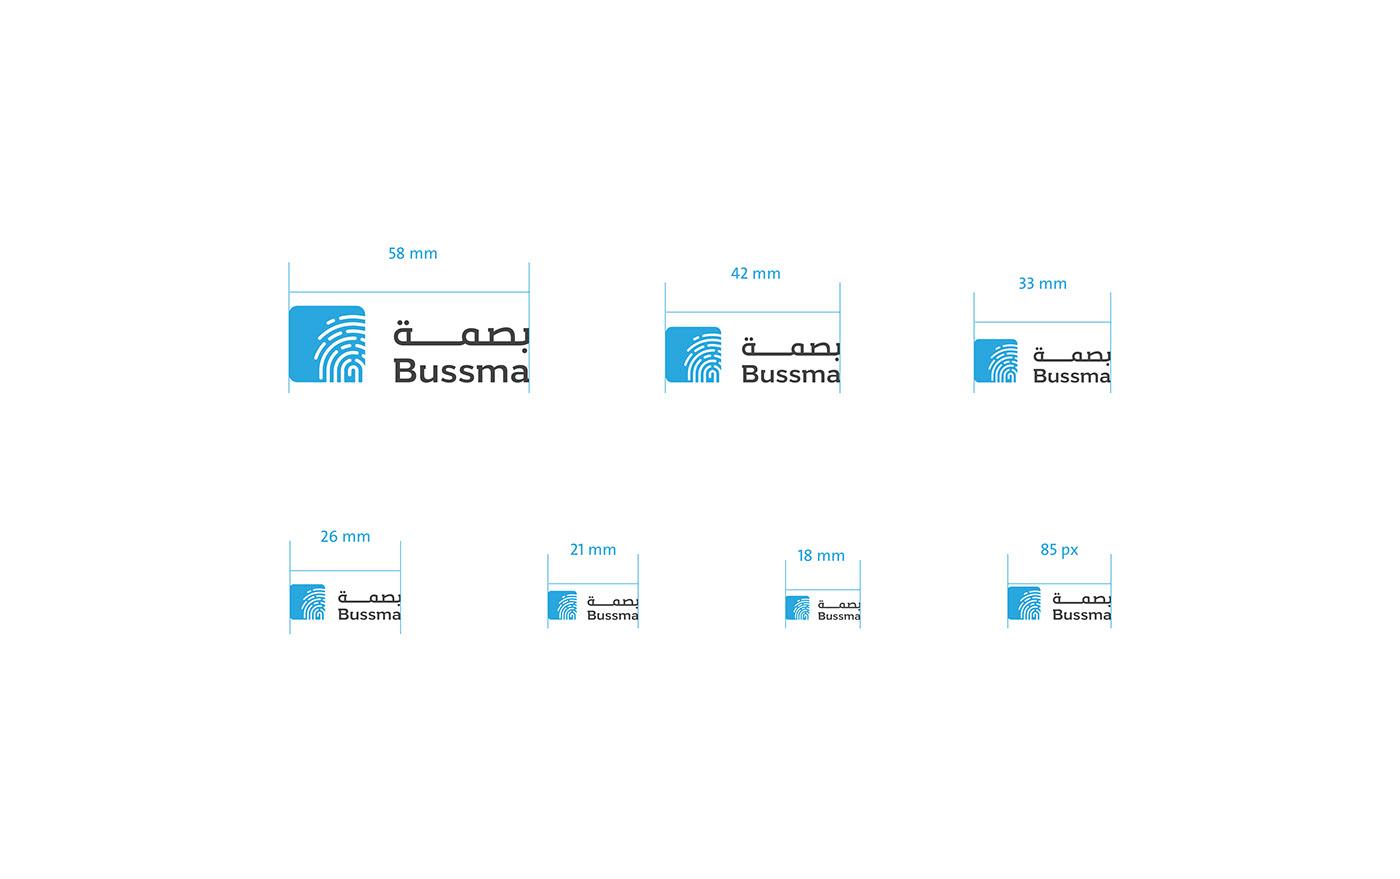 Bussma Company